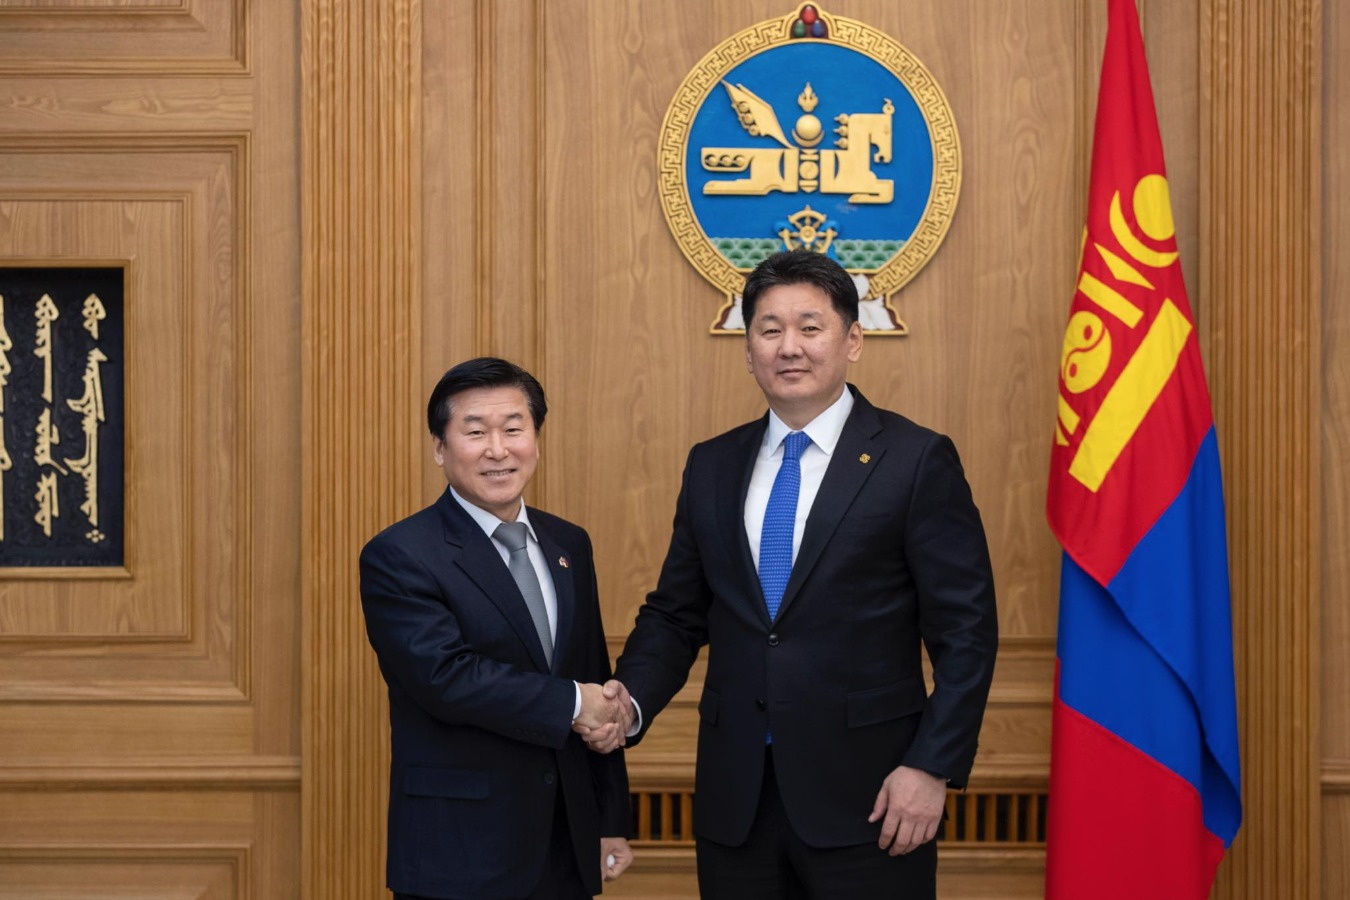 Ерөнхий сайд У.Хүрэлсүх БНСУ-аас Монгол Улсад суугаа Элчин сайдыг хүлээн авч уулзав